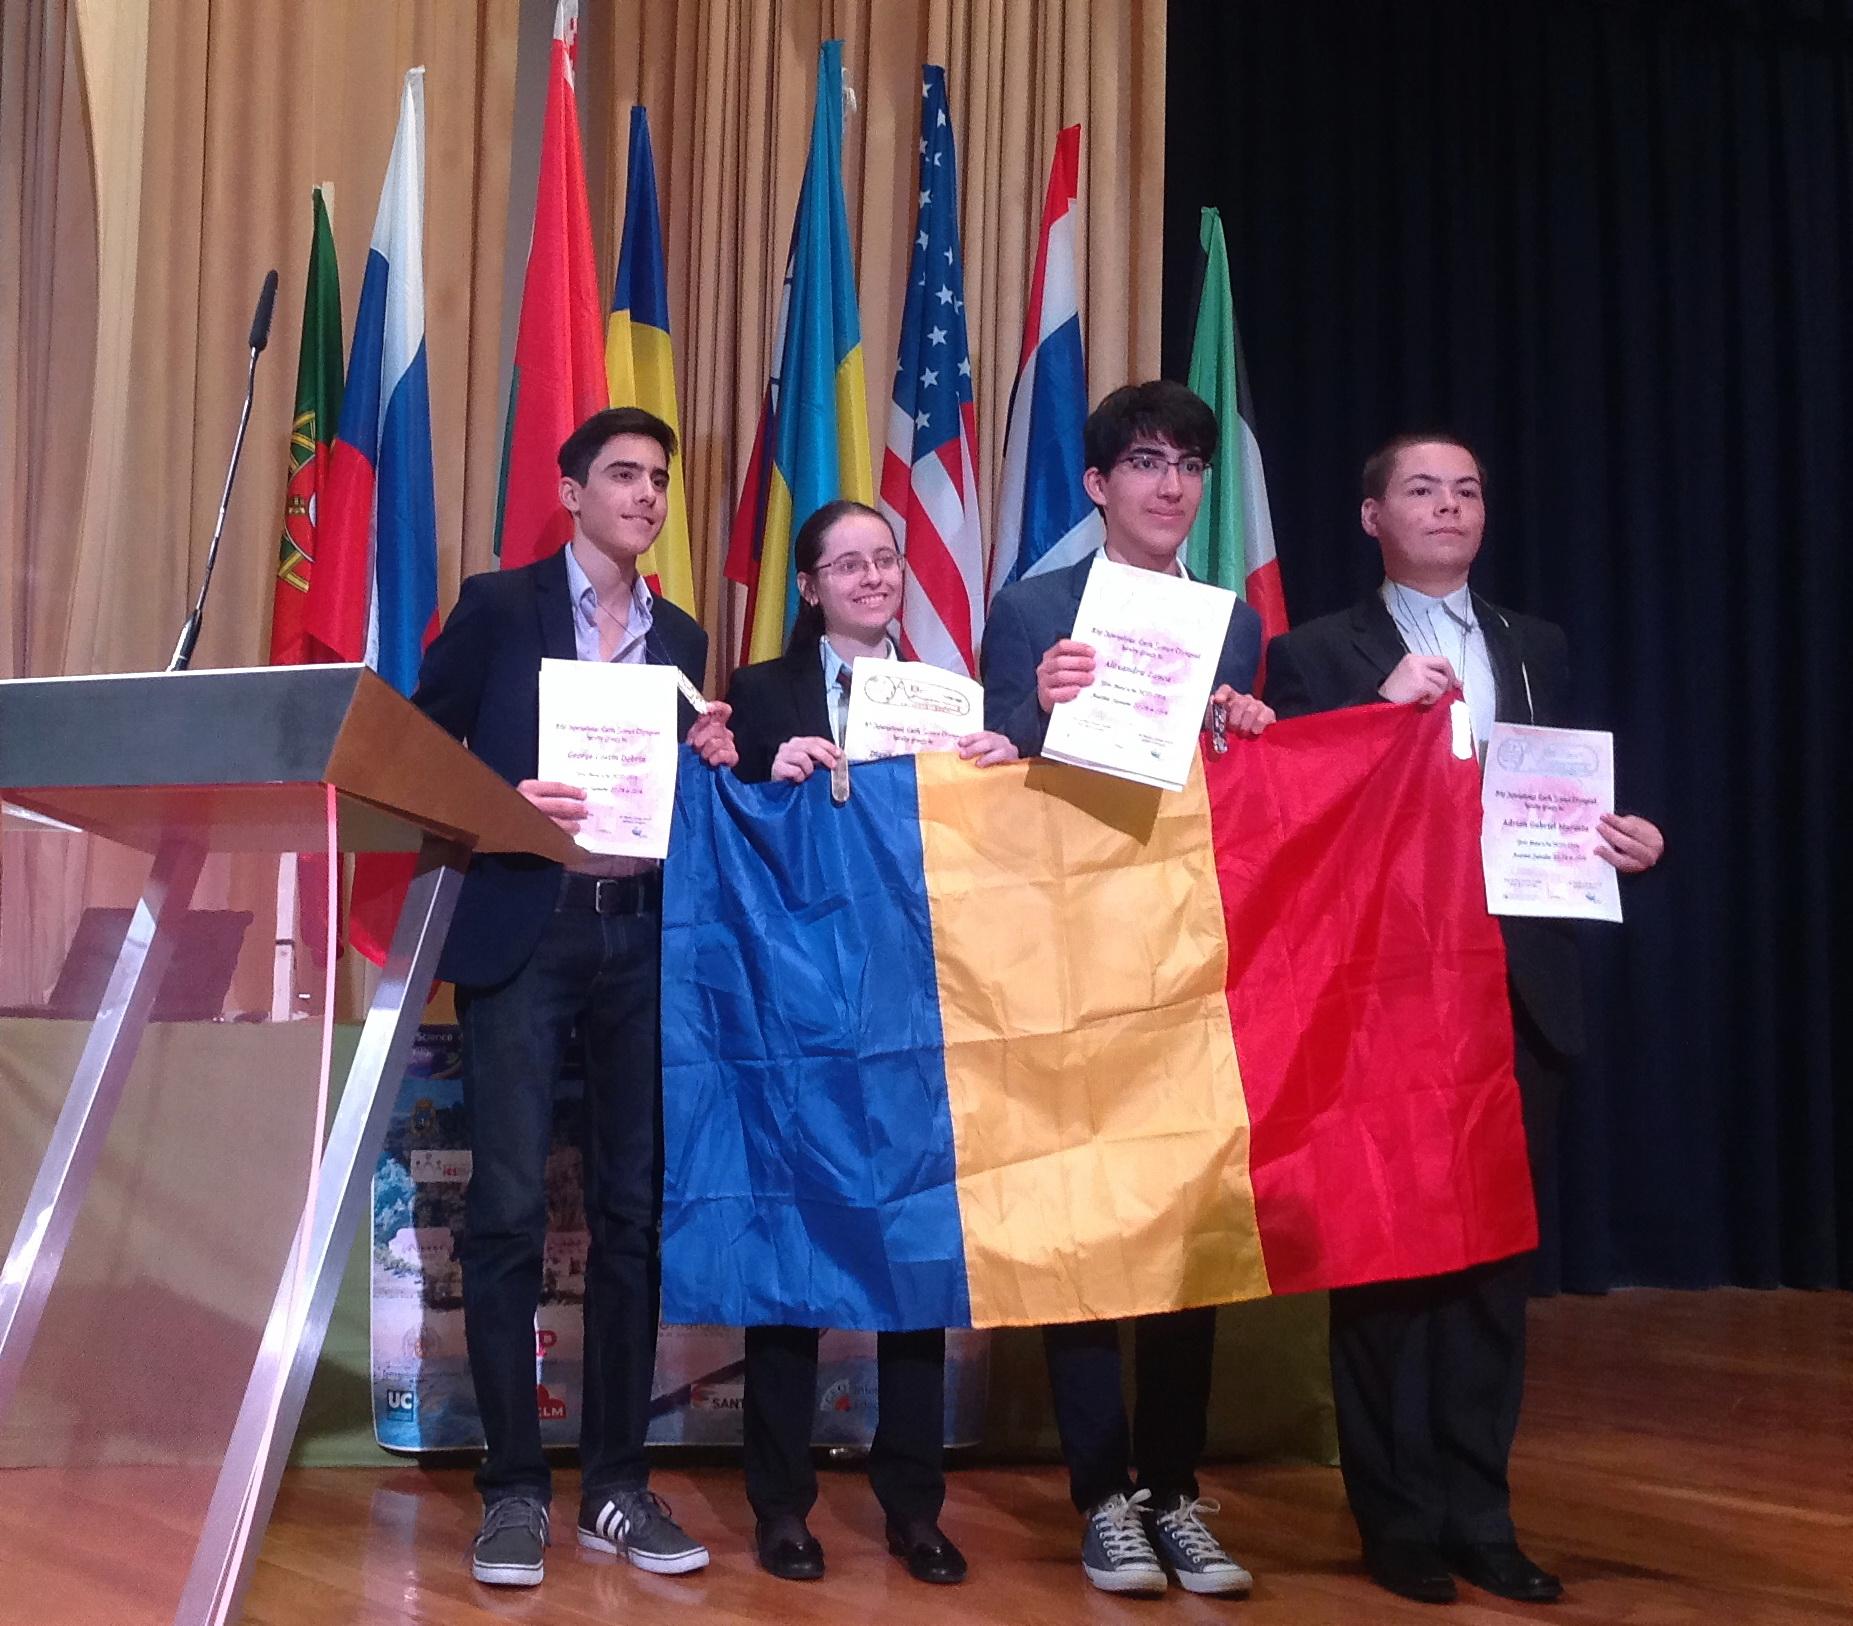 Ei ne-au făcut să fim mândri că suntem români: cine sunt elevii care și-au spulberat concurența la olimpiadele internaționale din 2014